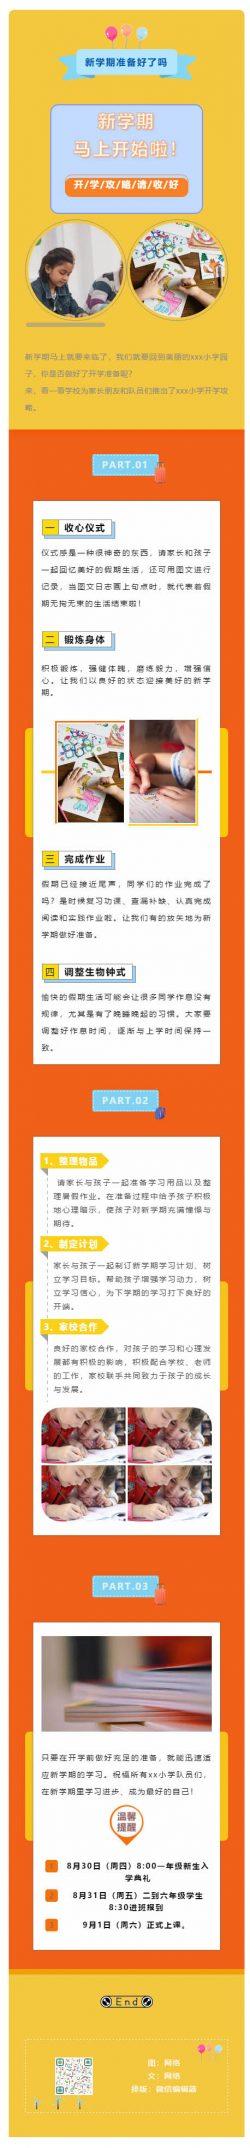 学校教育新学期开学微信公众号素材订阅号推文模板